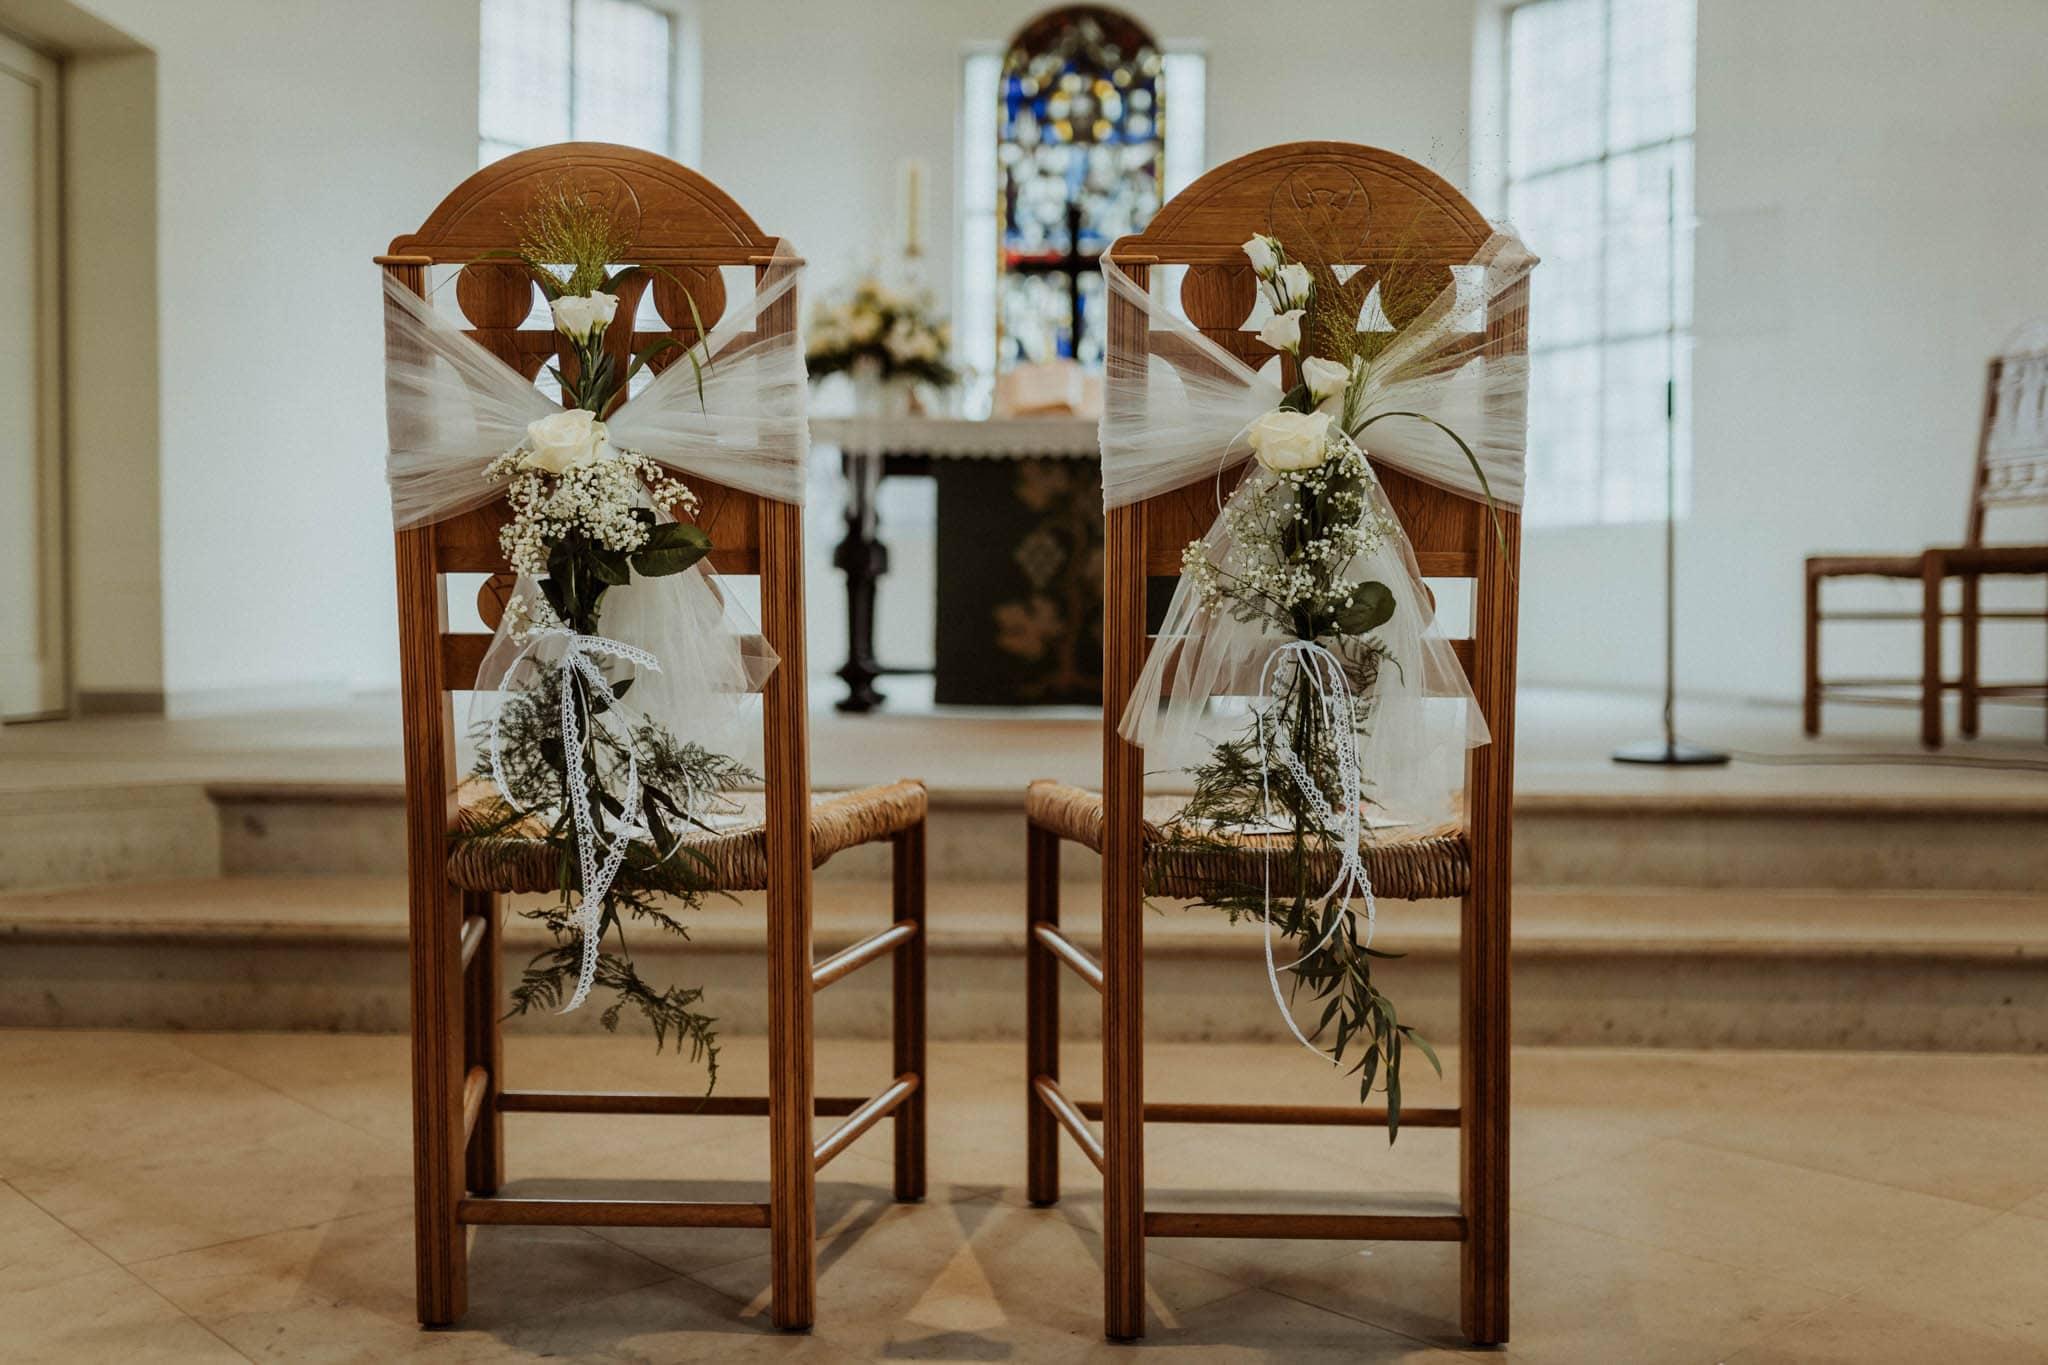 Hochzeitsfieber by Photo-Schomburg, Hochzeitsfotograf, Hamburg, Bremen, Hochzeitstag, Hochzeitspaar, Braut, Bräutigam, Bremen-Kränholm,Knoops Park-63